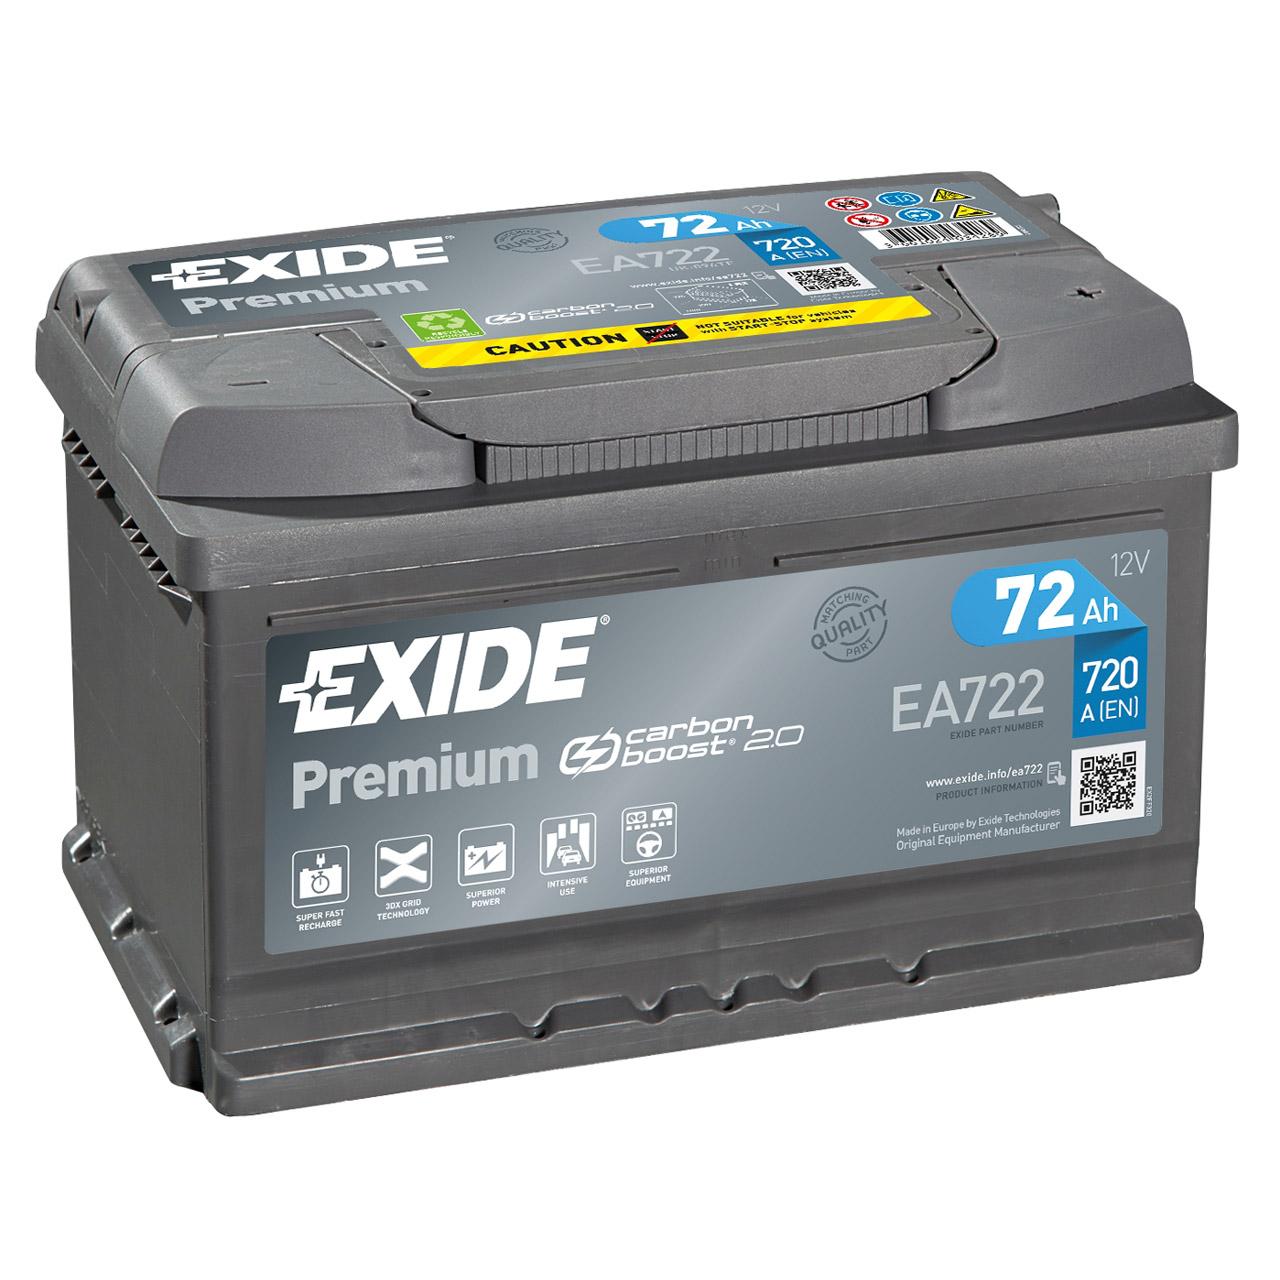 EXIDE EA722 PREMIUM Autobatterie Batterie Starterbatterie 12V 72Ah EN720A